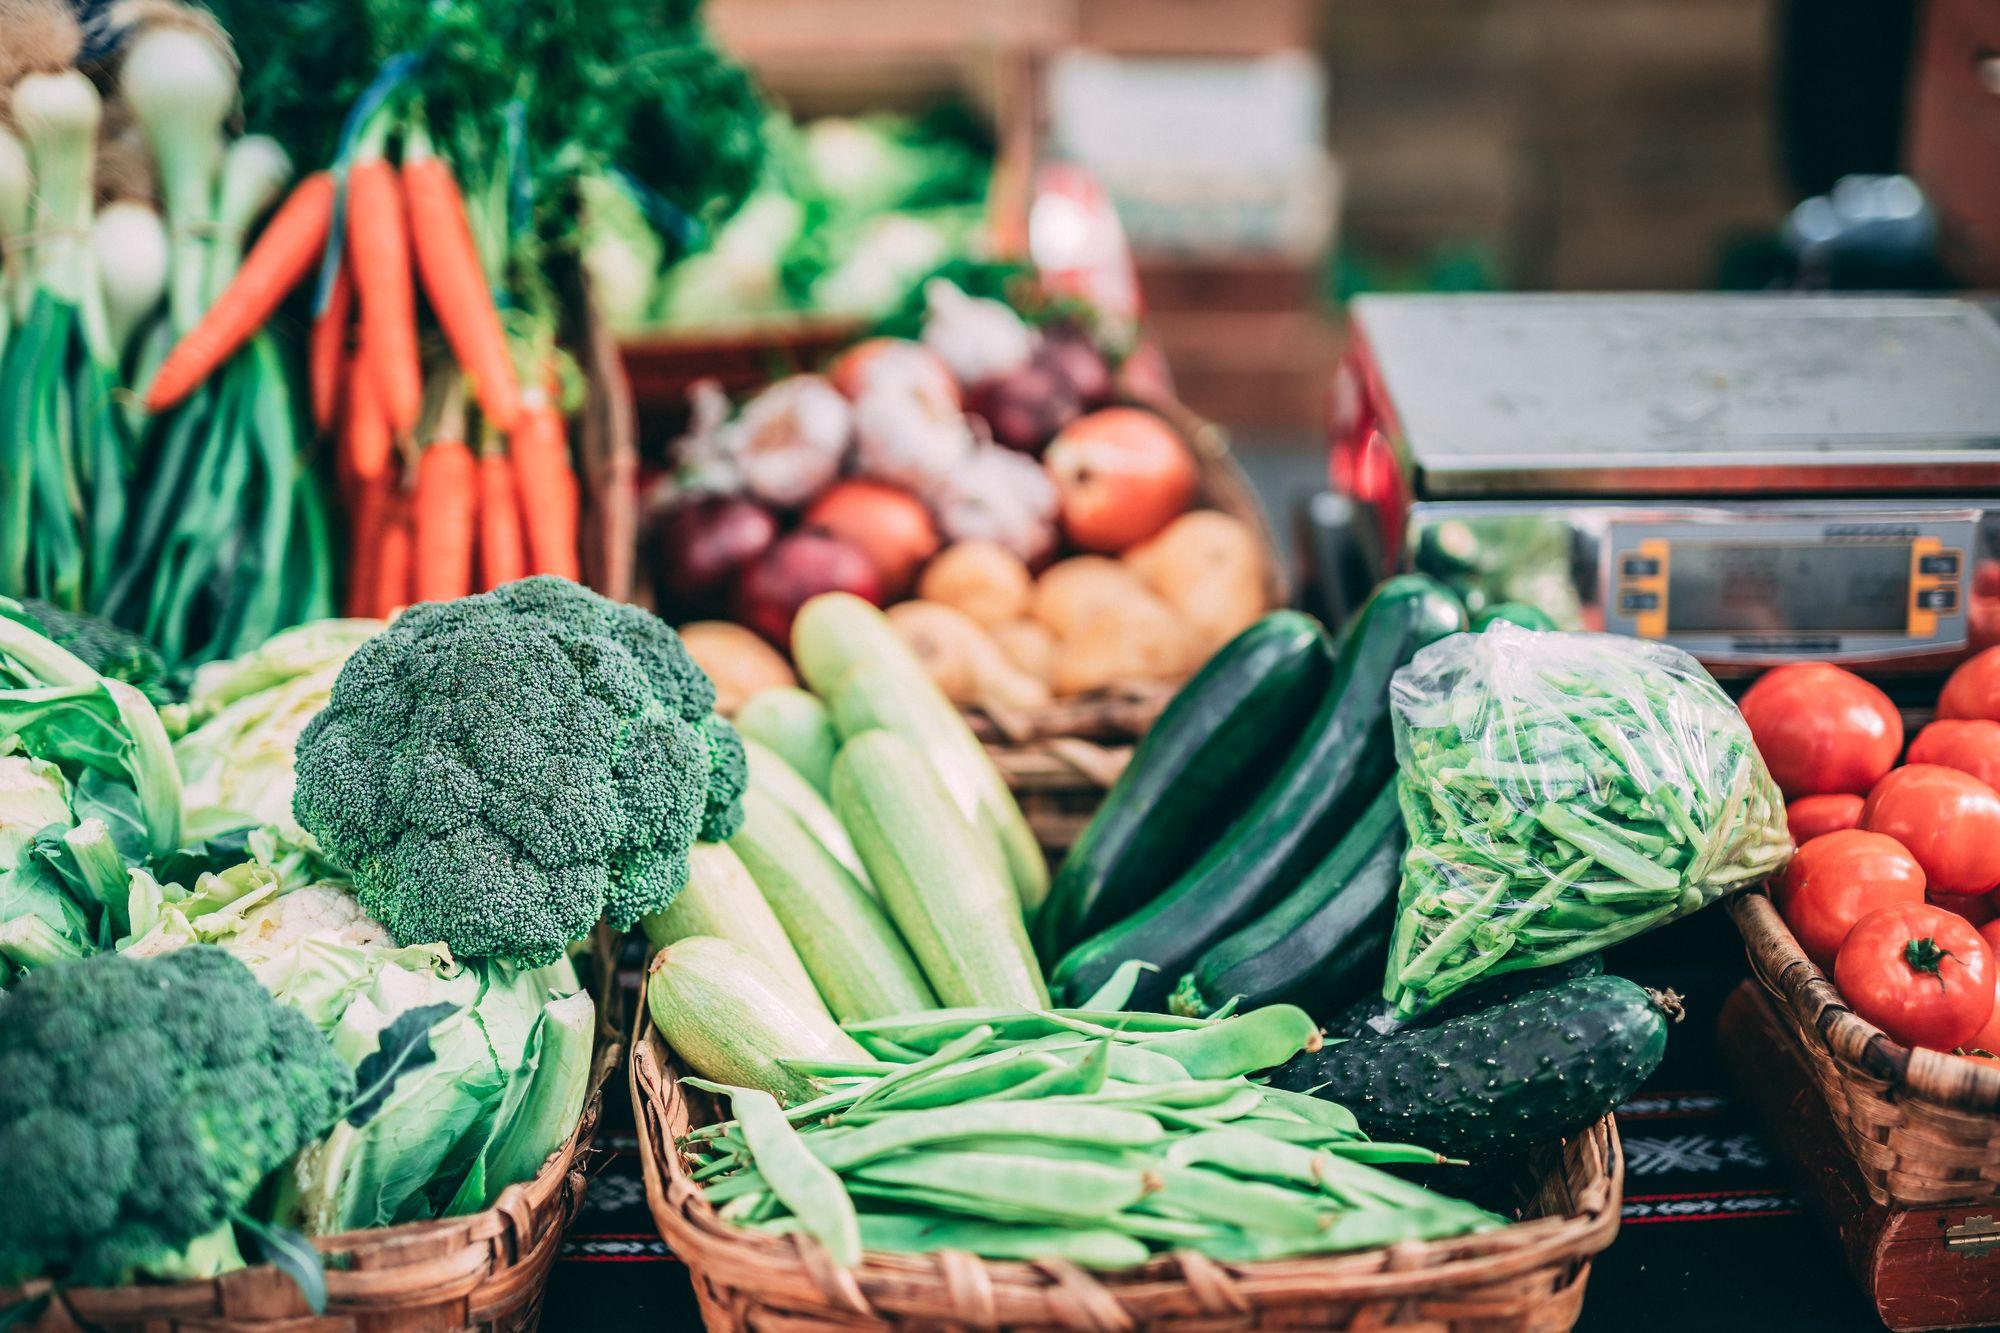 Regionales Bio-Gemüse vom Wochenmarkt